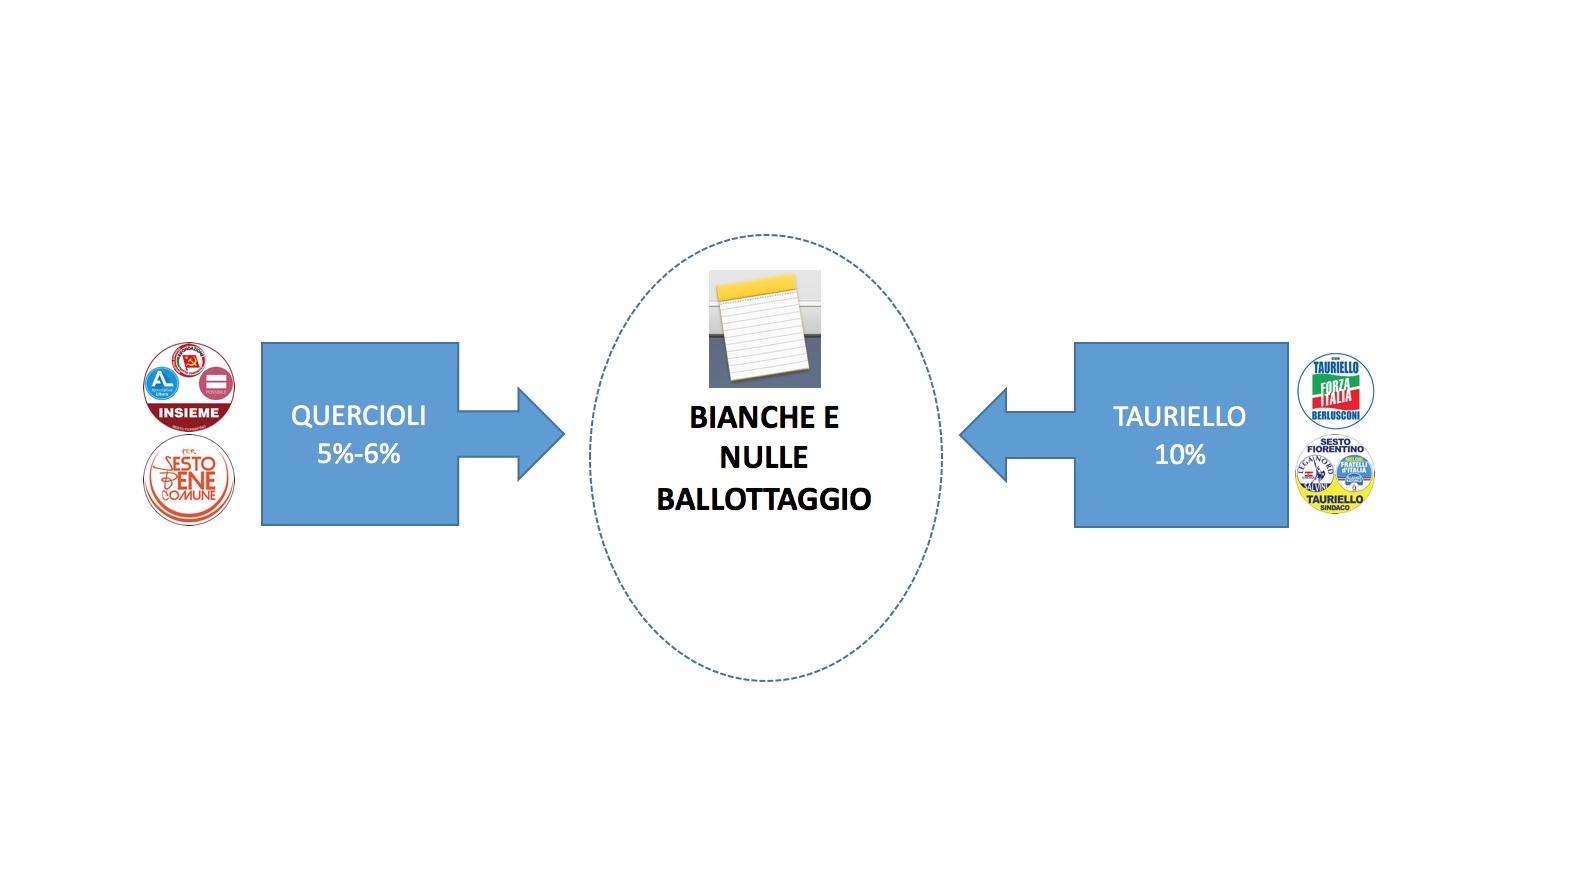 BIANCHE E NULLE BALLOTTAGGIO 2016